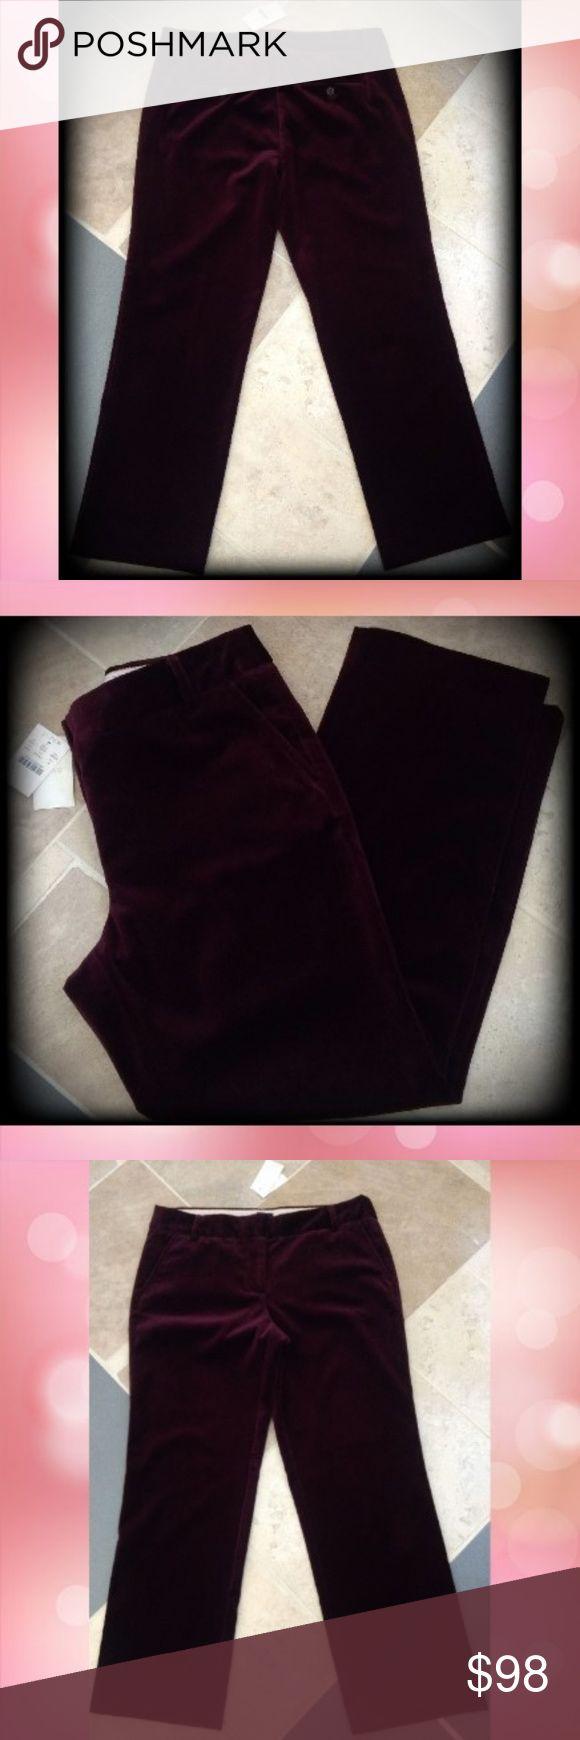 bordeaux color pants